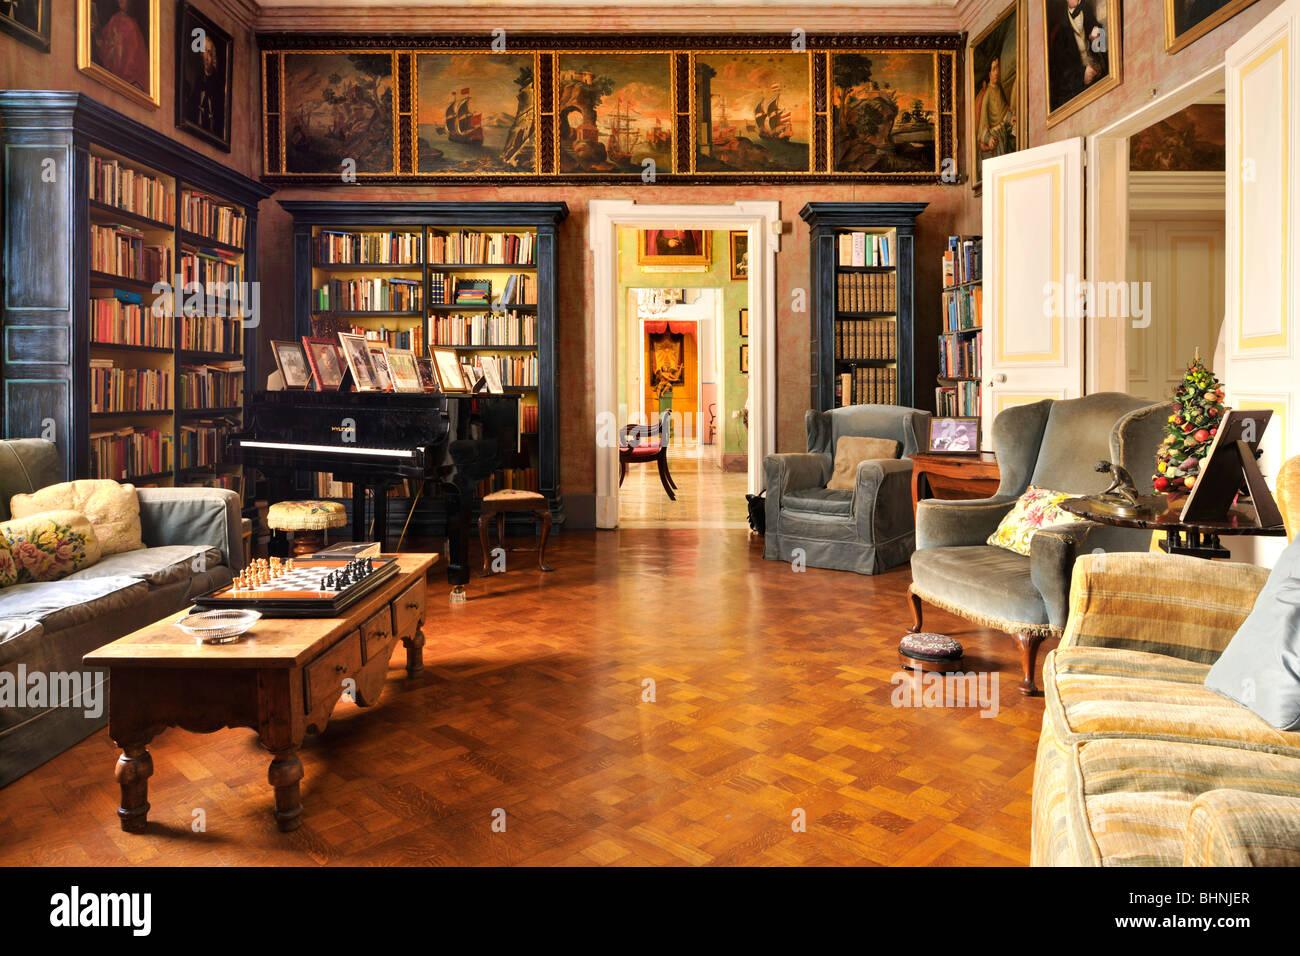 Library, Casa Rocca Piccola Valletta Malta - Stock Image